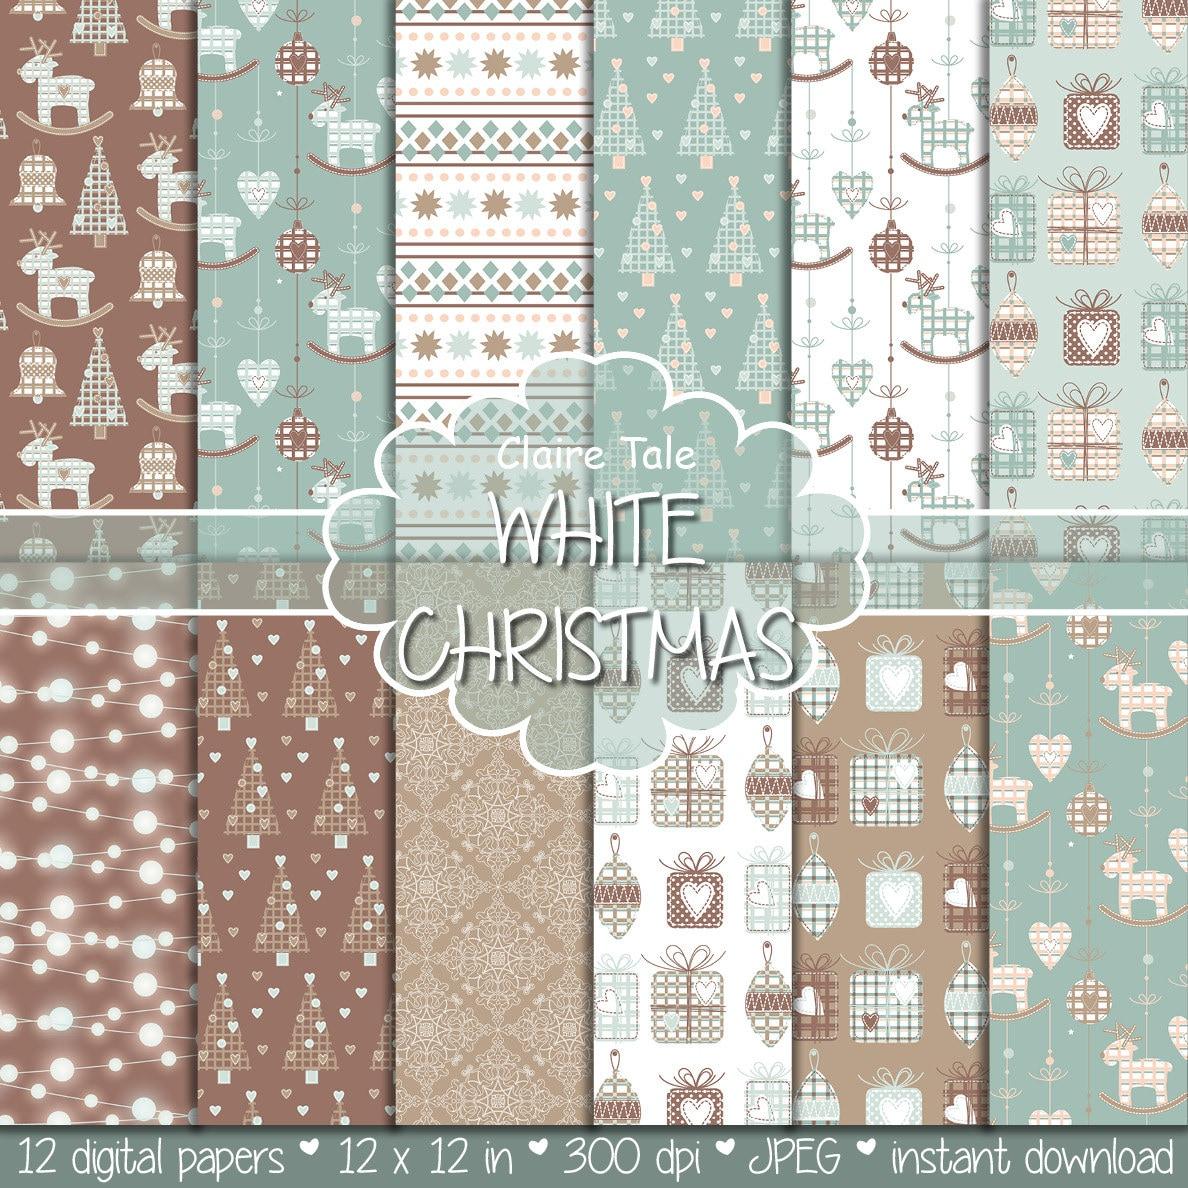 Christmas digital paper: WHITE CHRISTMAS christmas